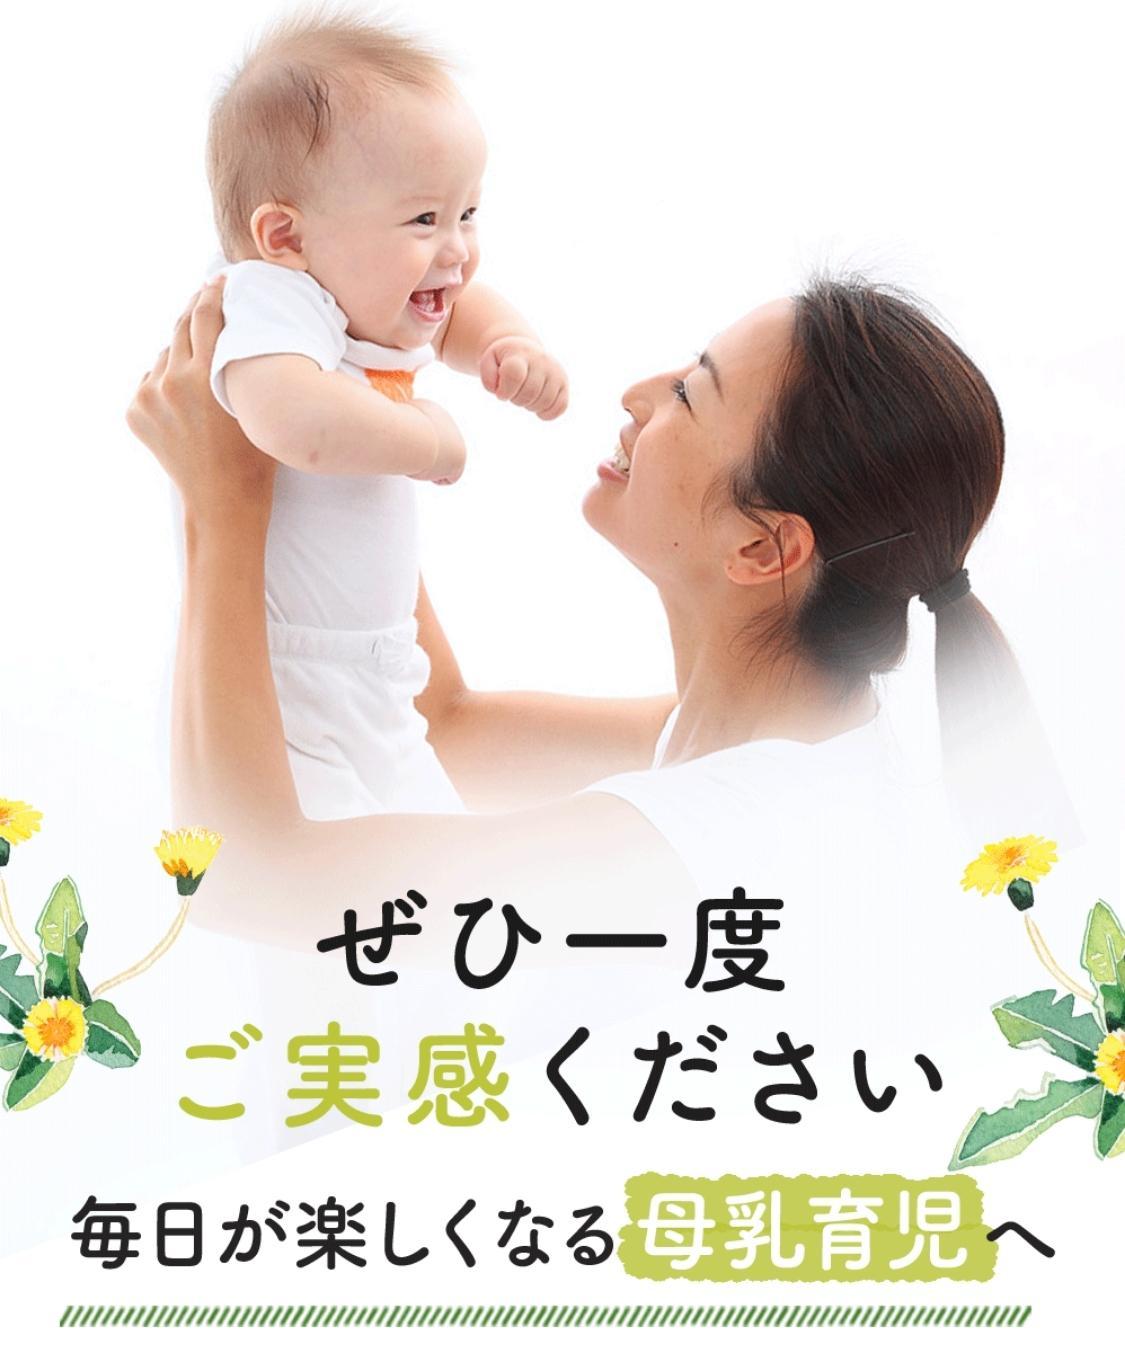 母乳で育ててもらいたい 赤ちゃんの健康をサポート 栄養のバランスがよく、消化にいい